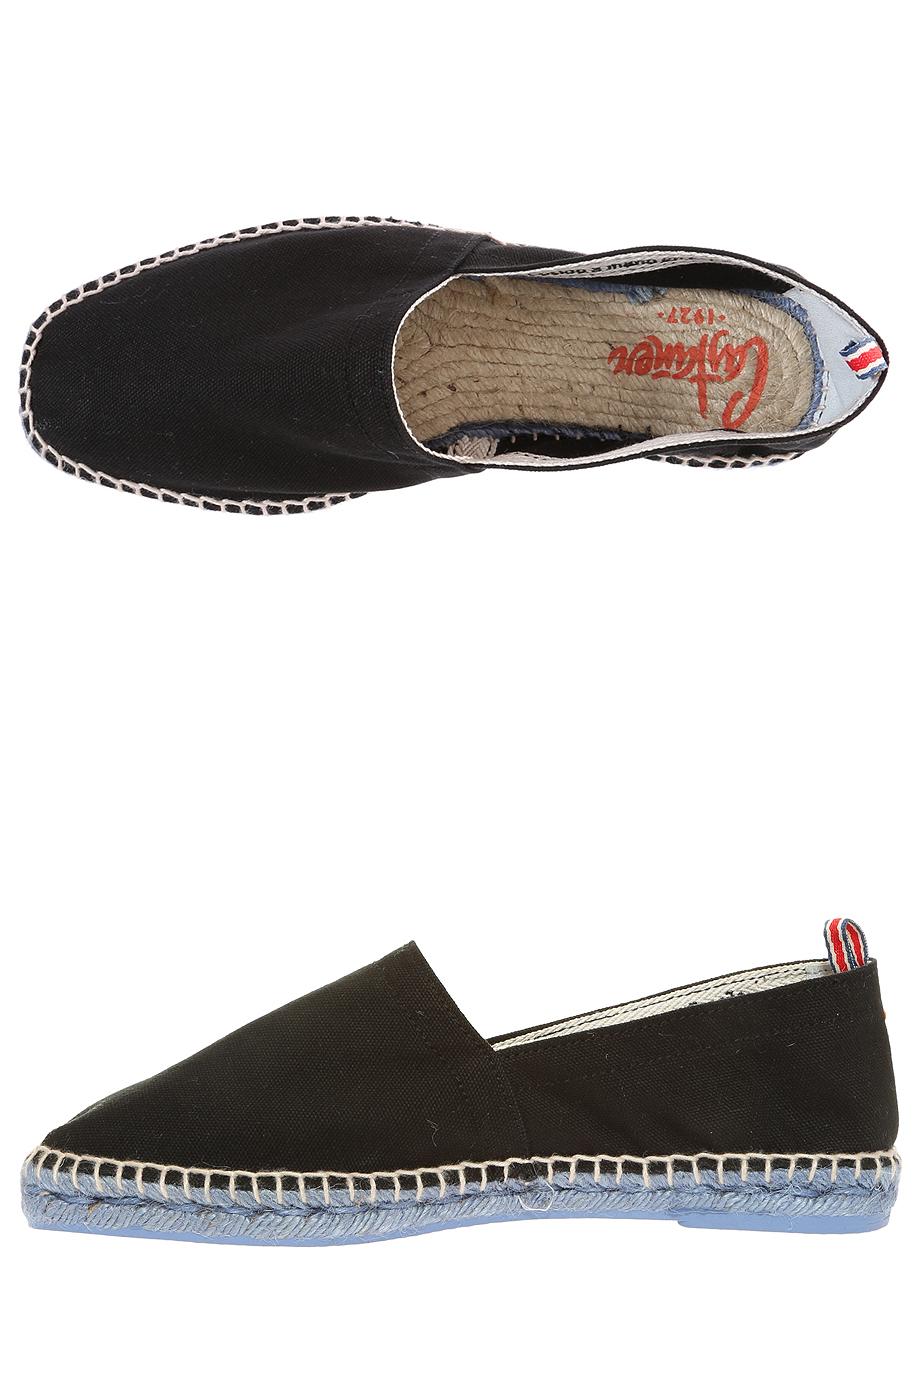 Lacroix Mens Shoes